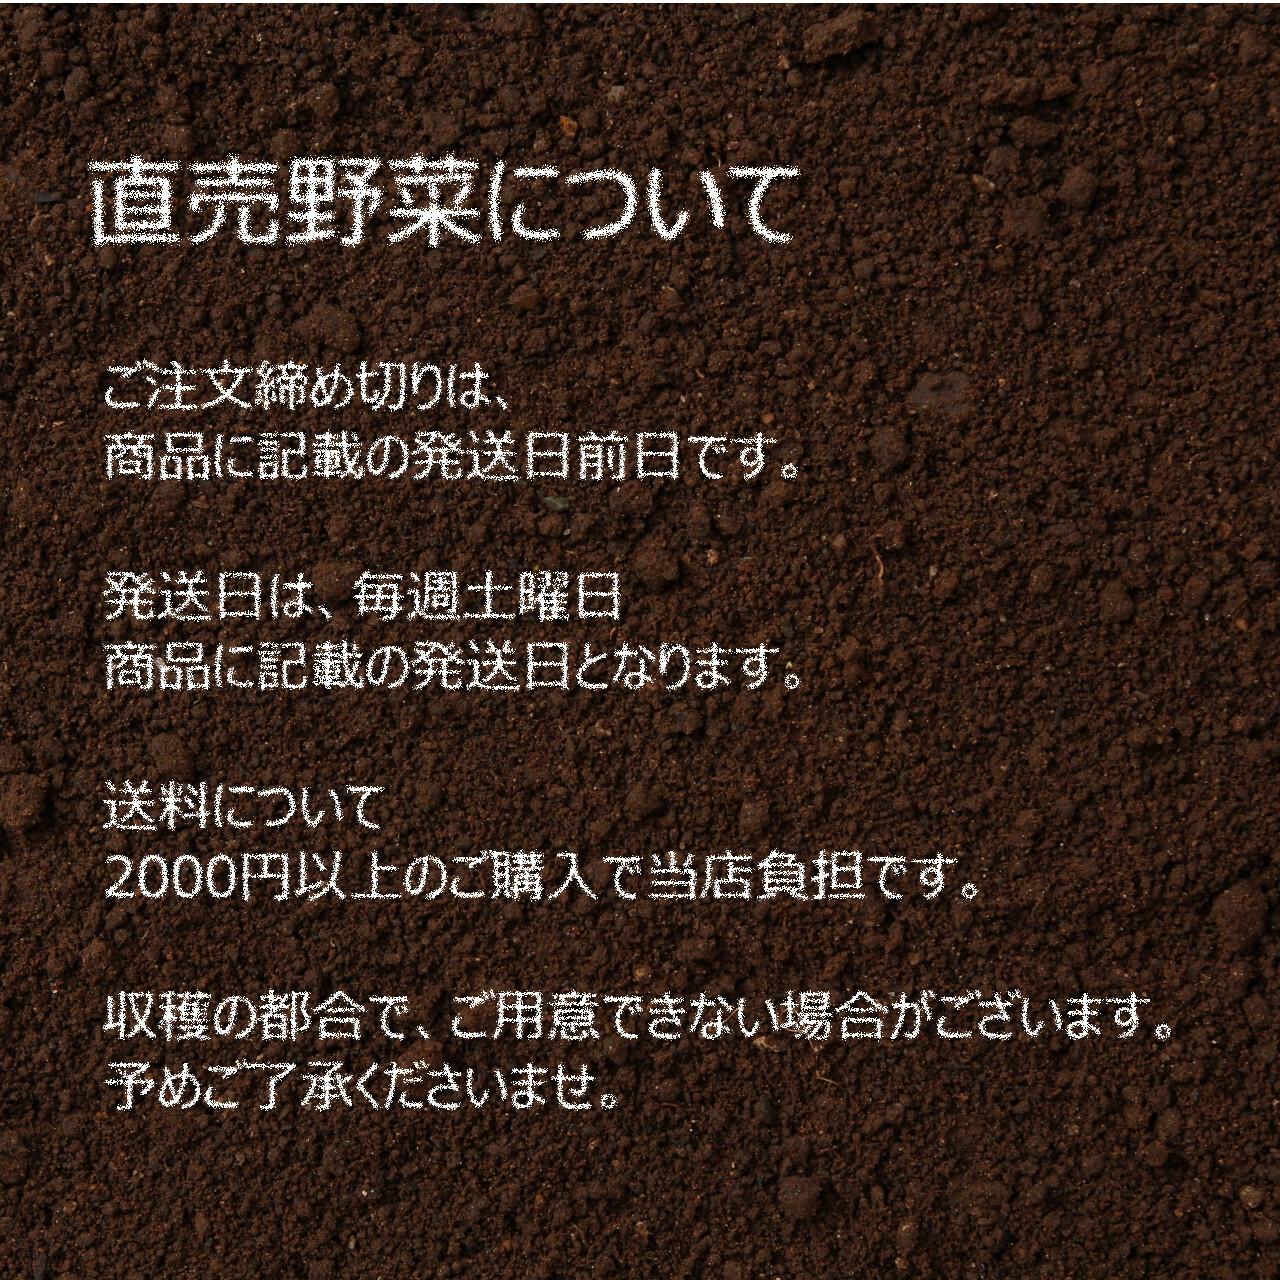 小豆 1合 朝採り直売野菜 4月20日発送予定